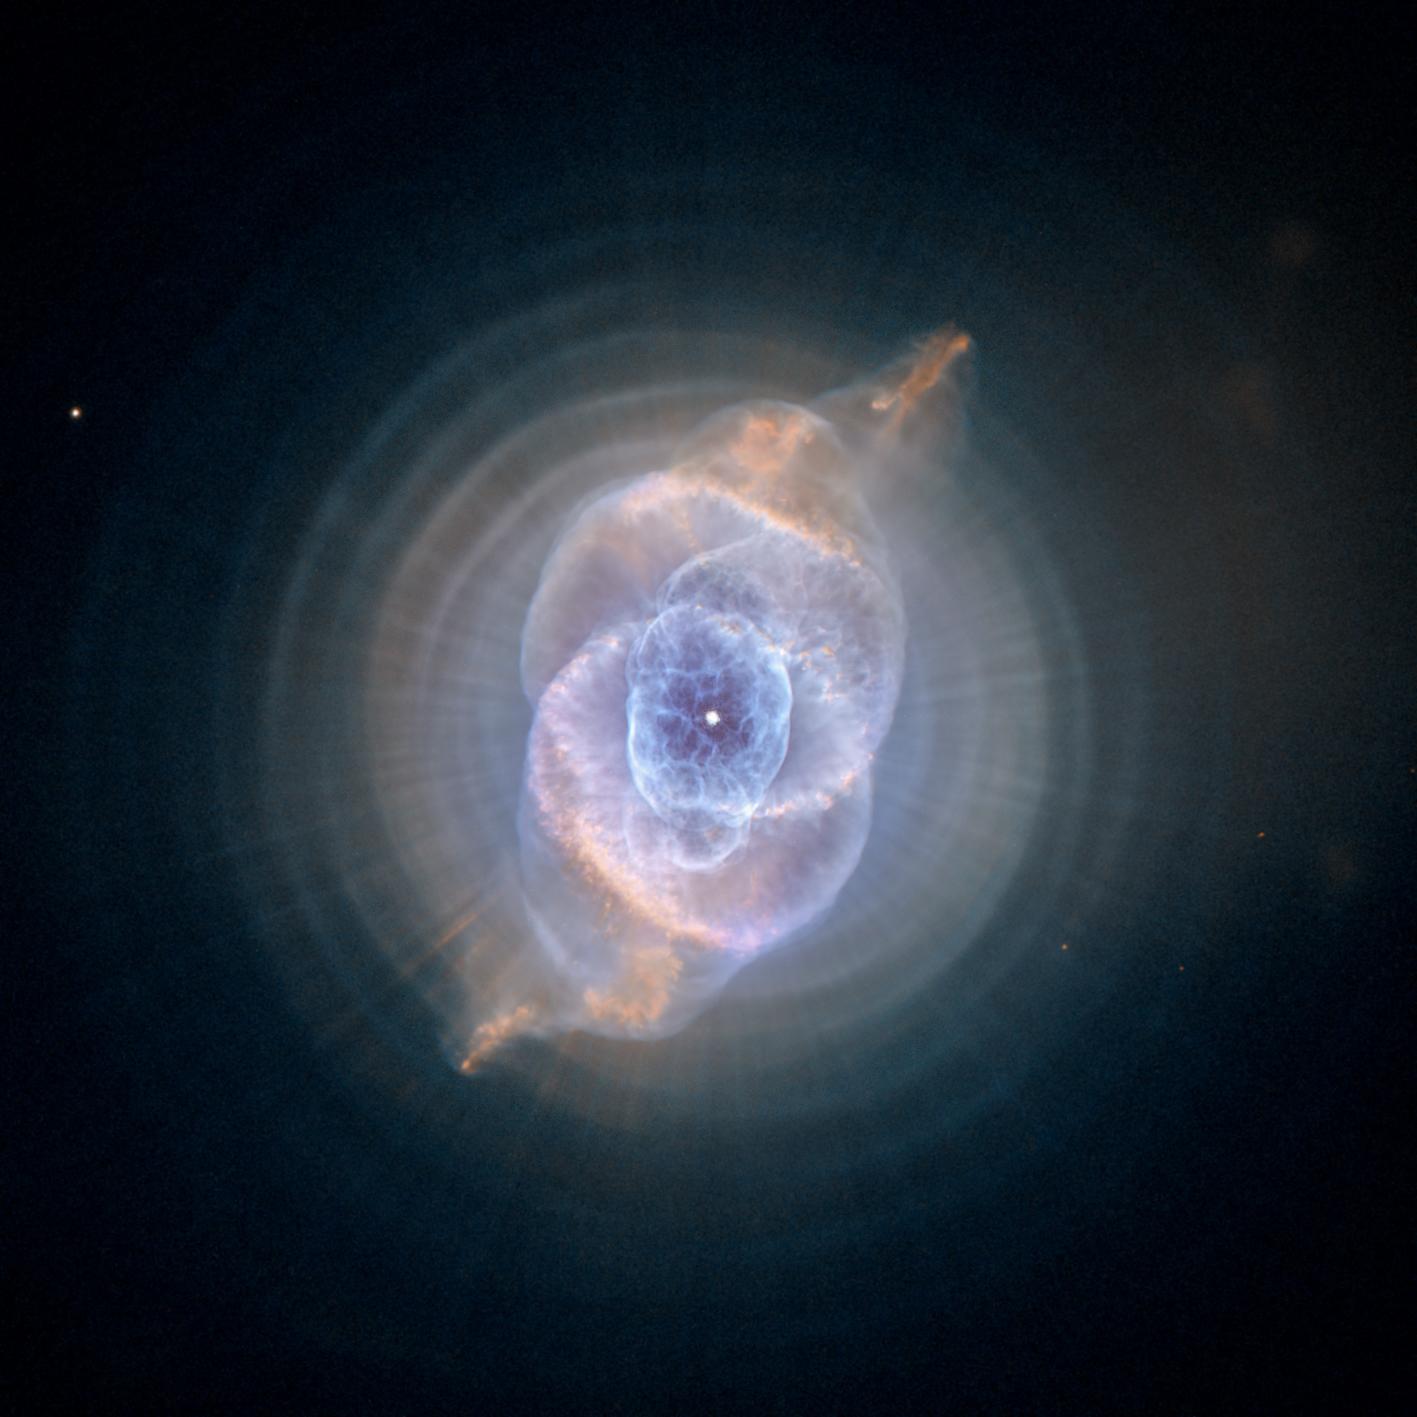 APOD: 2004 September 10 - Cat's Eye